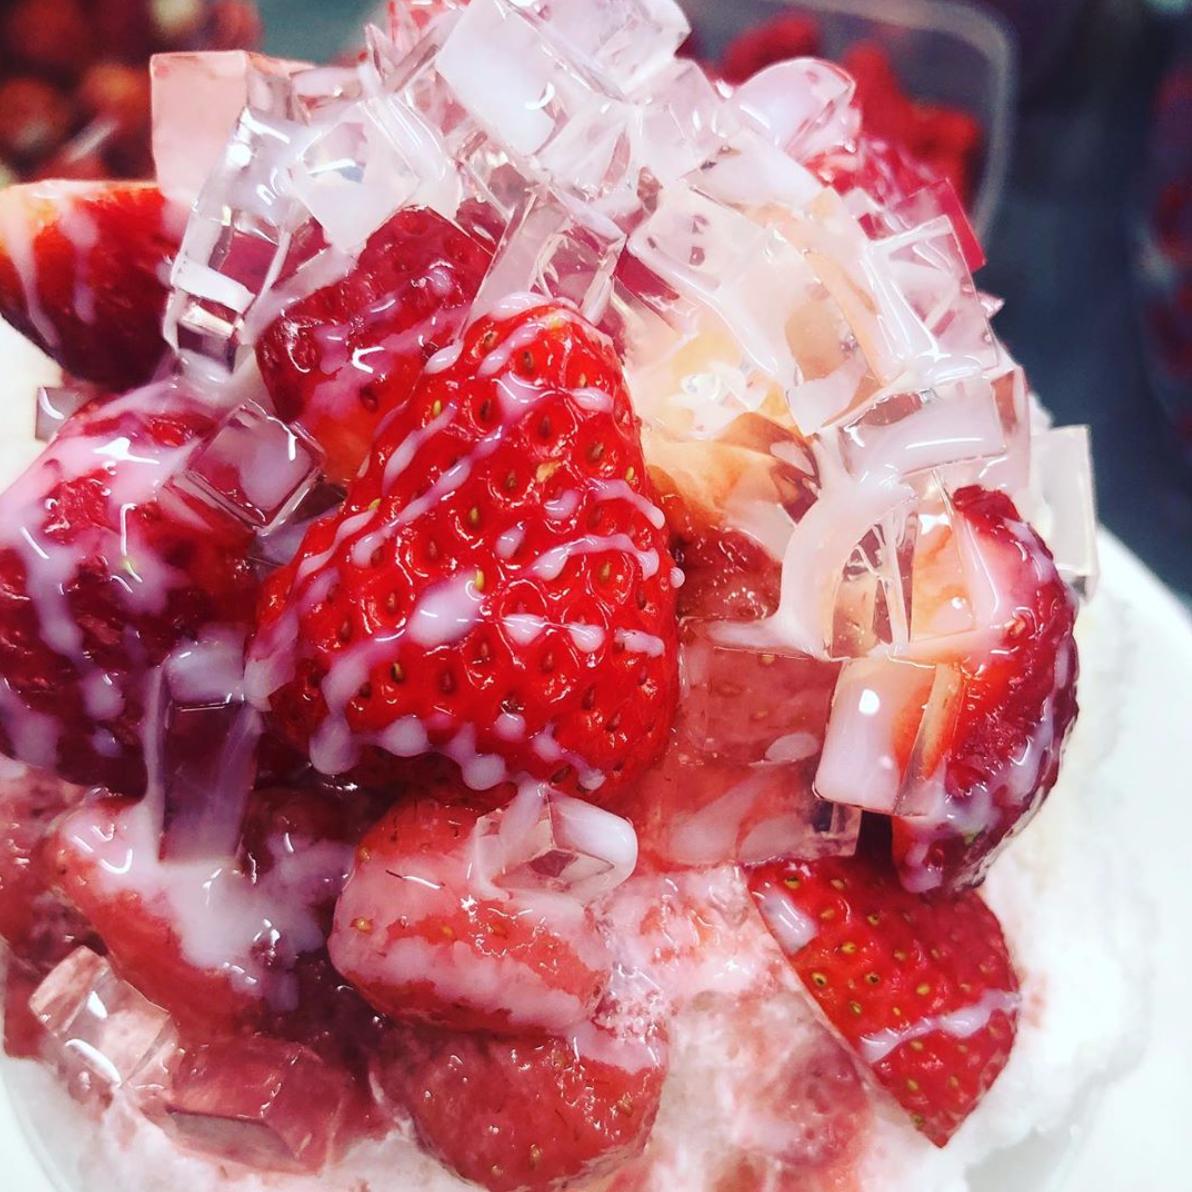 数時間待ちは当たり前!?見た目も味も極上のカキ氷を、岡崎市の専門店「六華亭」で味わう - 734ee41eb62300b6fef80e4b39d111d4